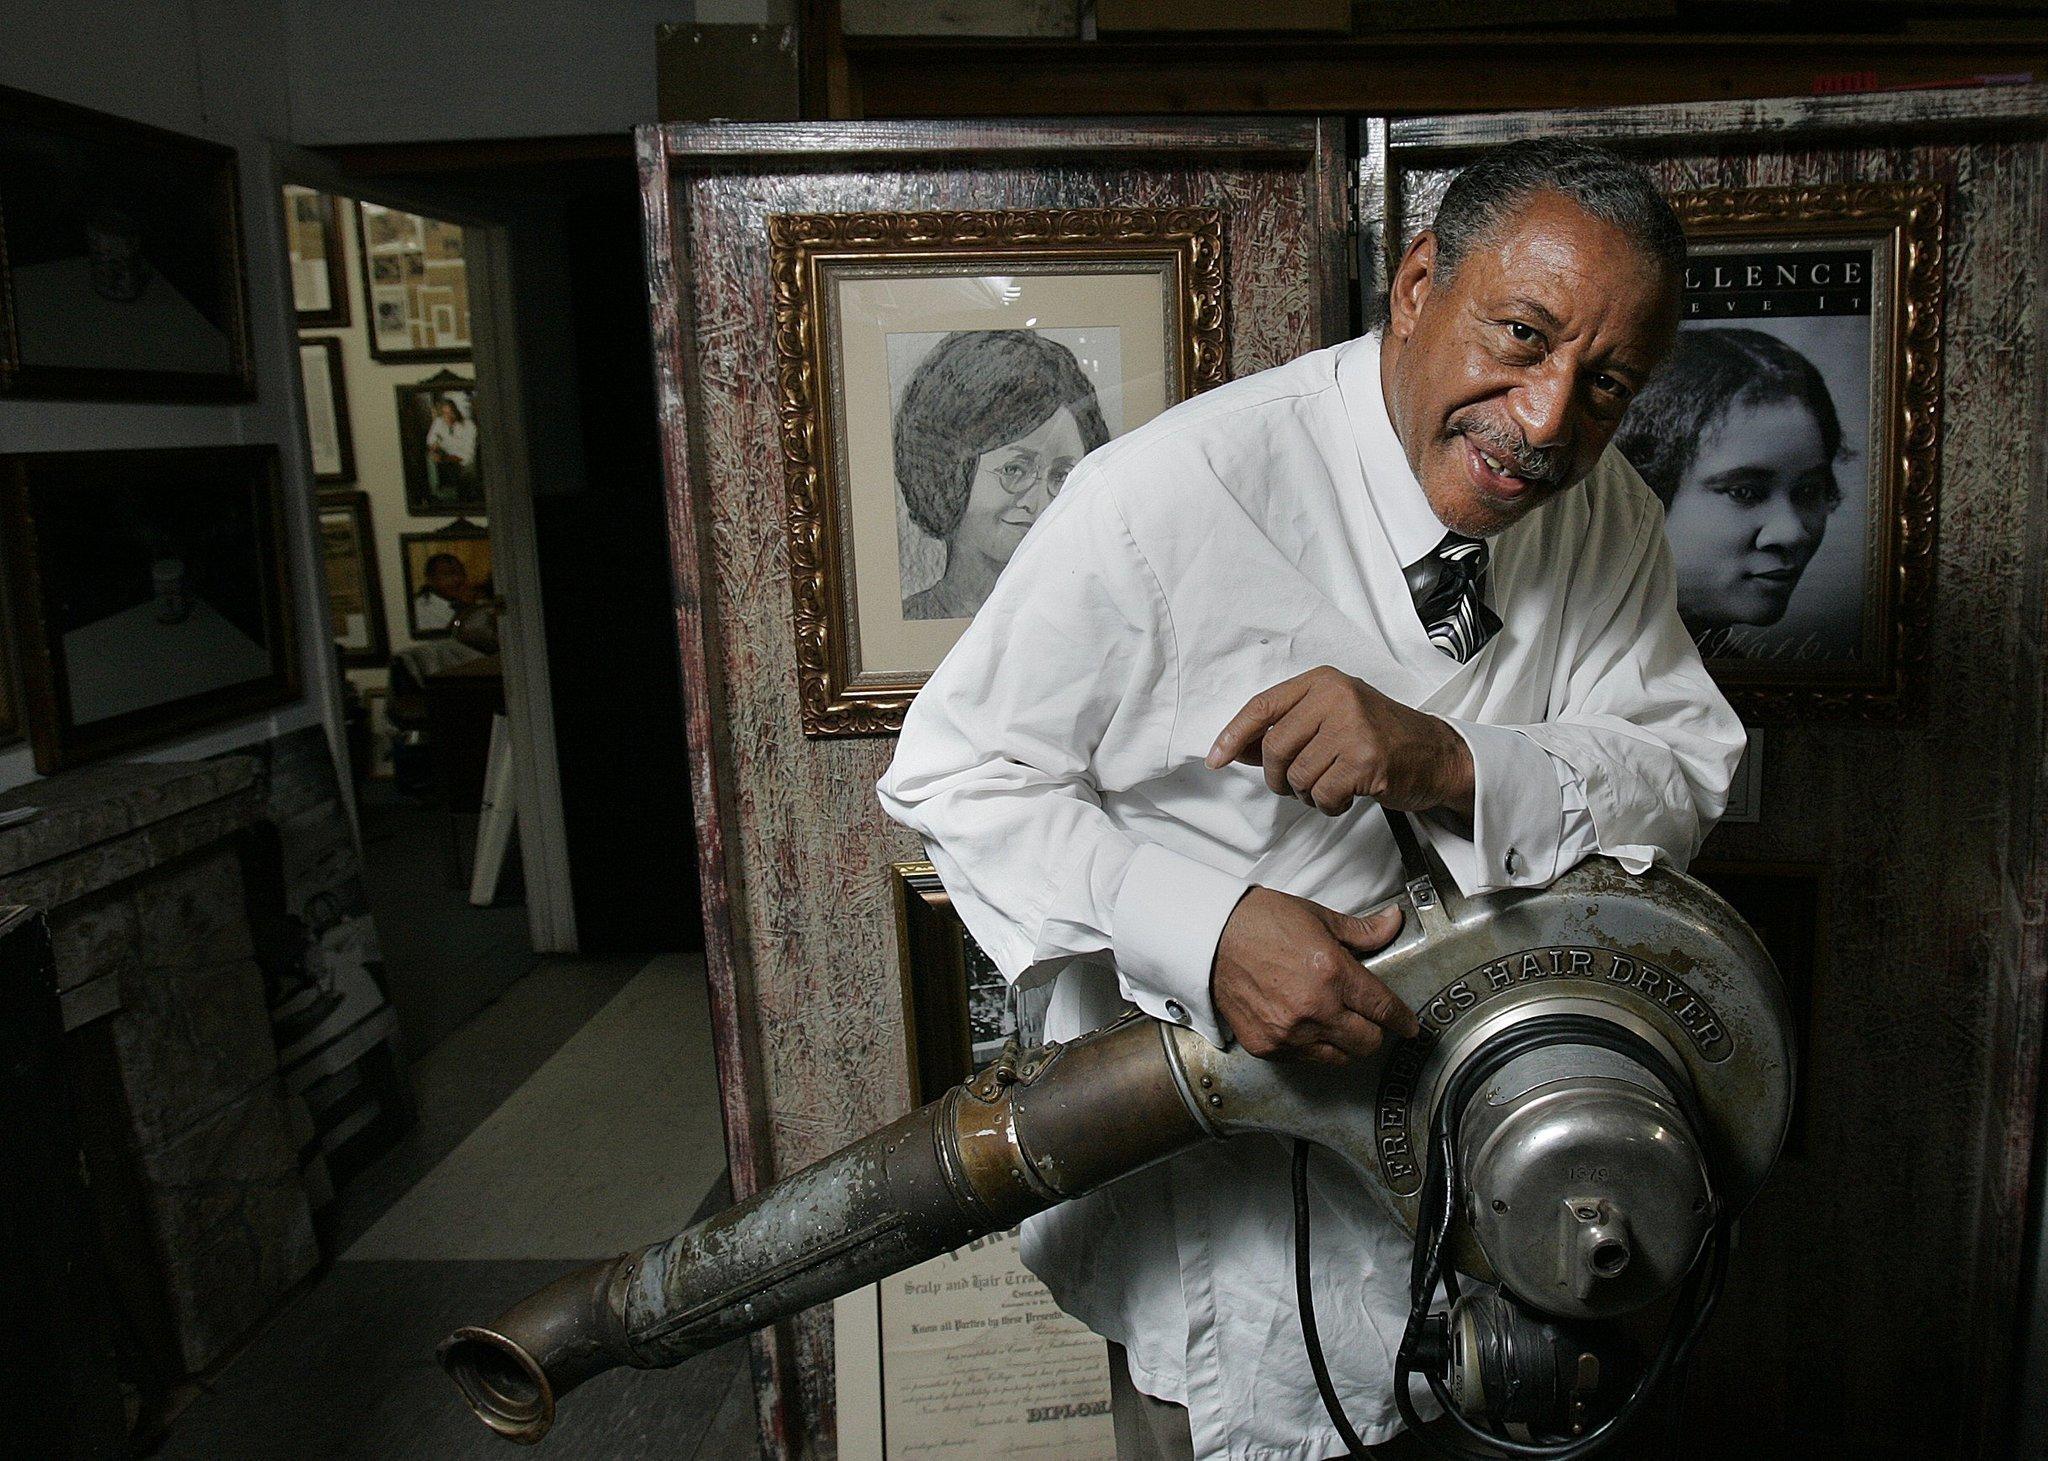 Znalezione obrazy dla zapytania Willie Lee Morrow barber